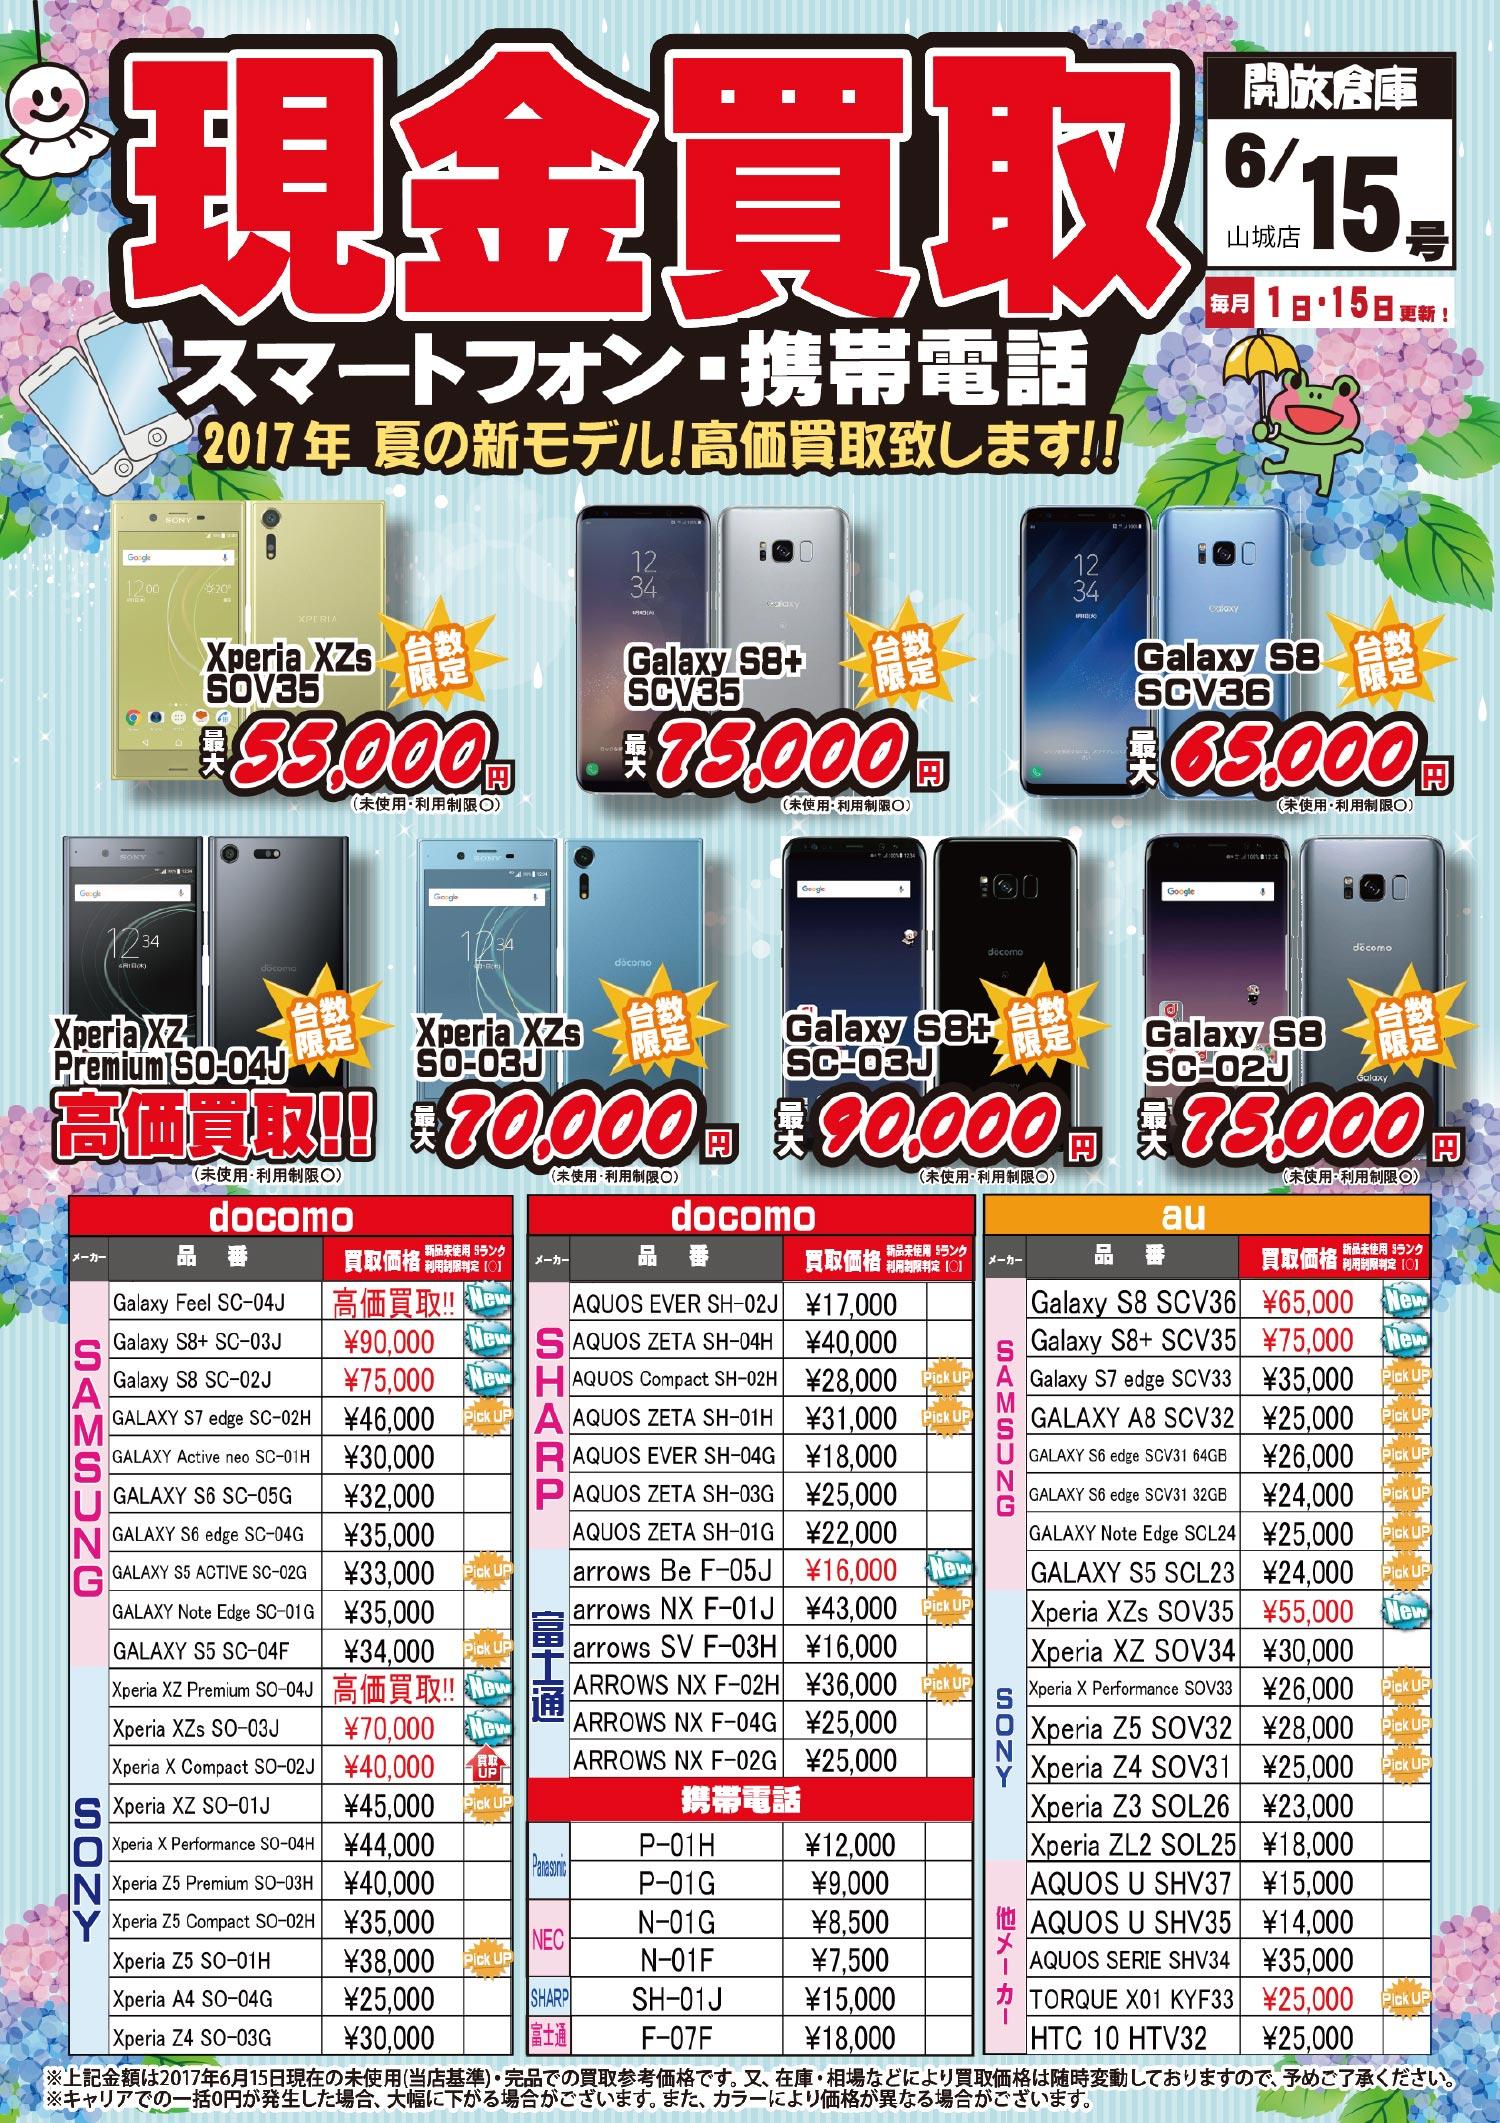 「開放倉庫山城店」2017年6/15号!スマートフォン・携帯電話現金買取!!2017年夏の新モデル!高価買取いたします!!